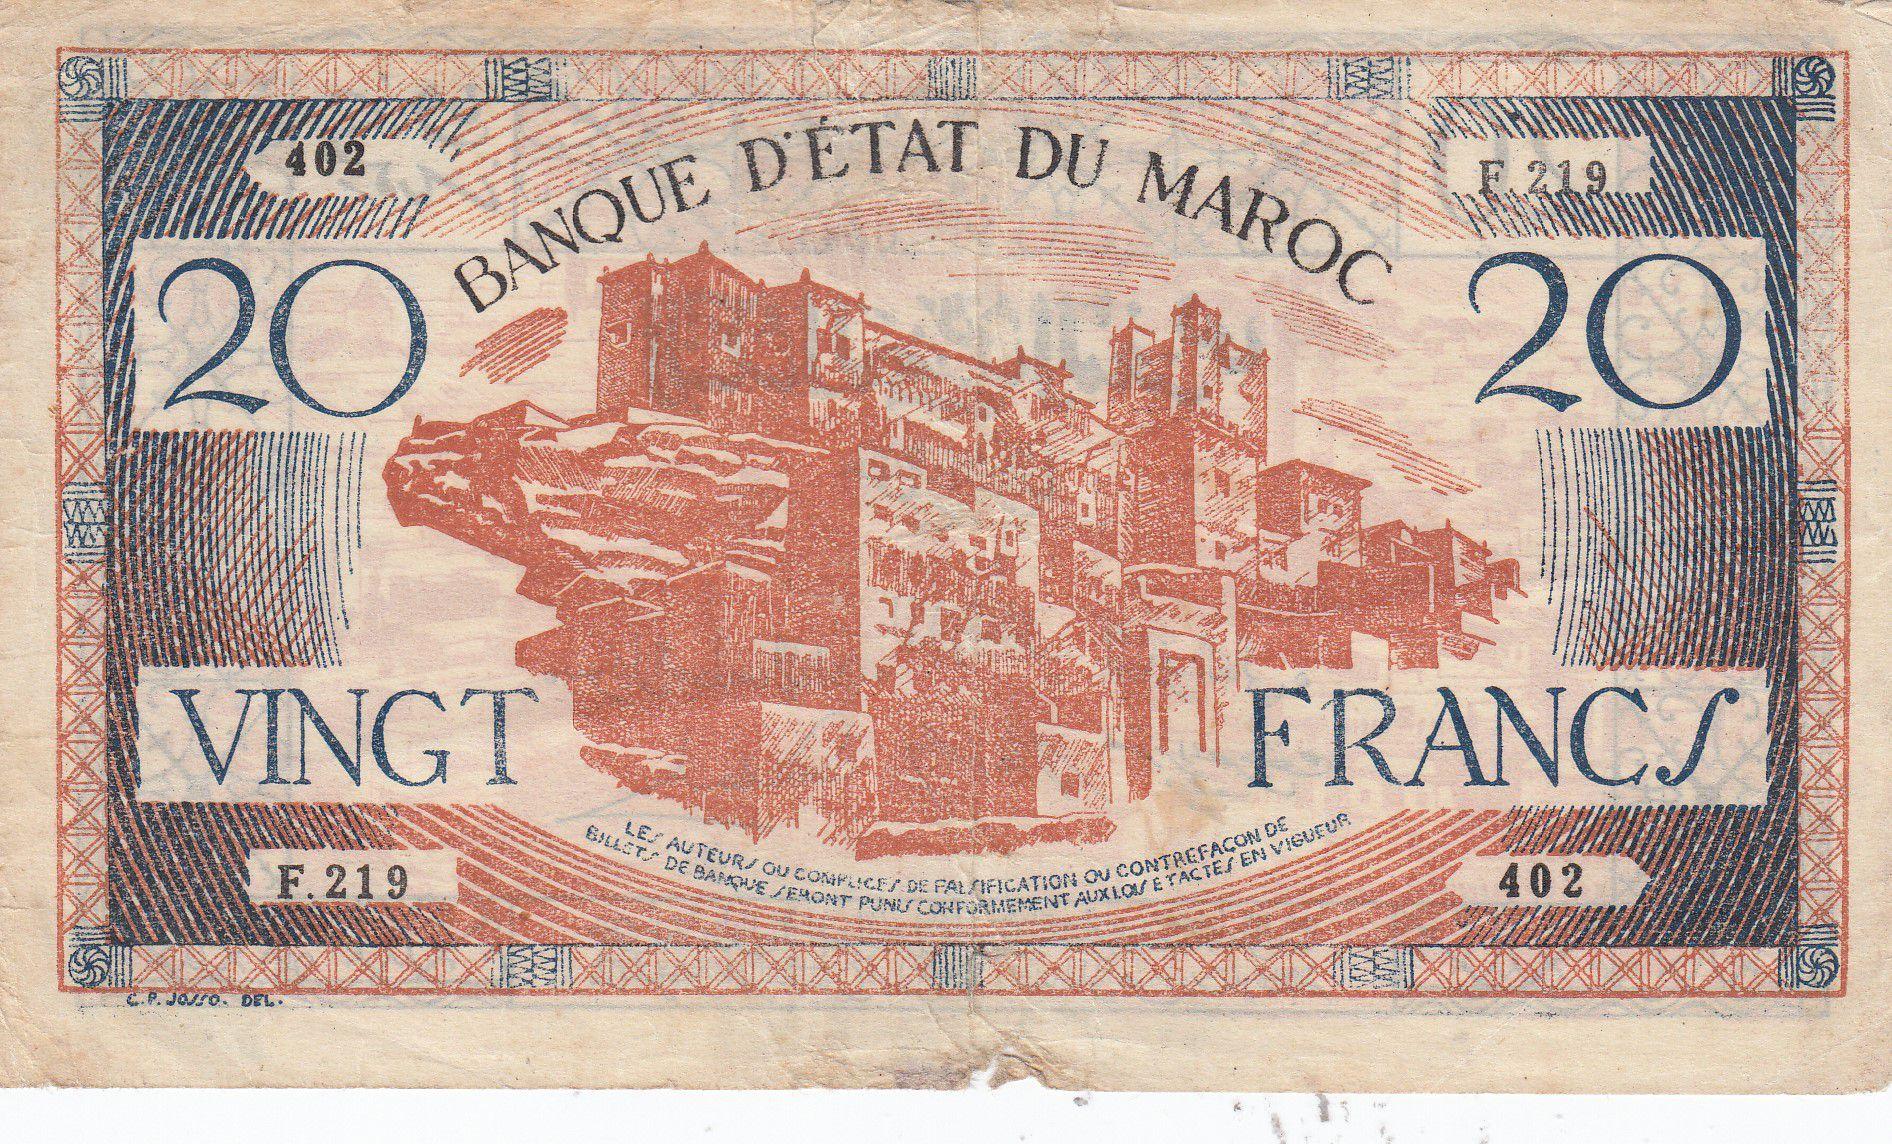 Maroc 20 Francs - 1943 - TB - Série F.219 - P.39